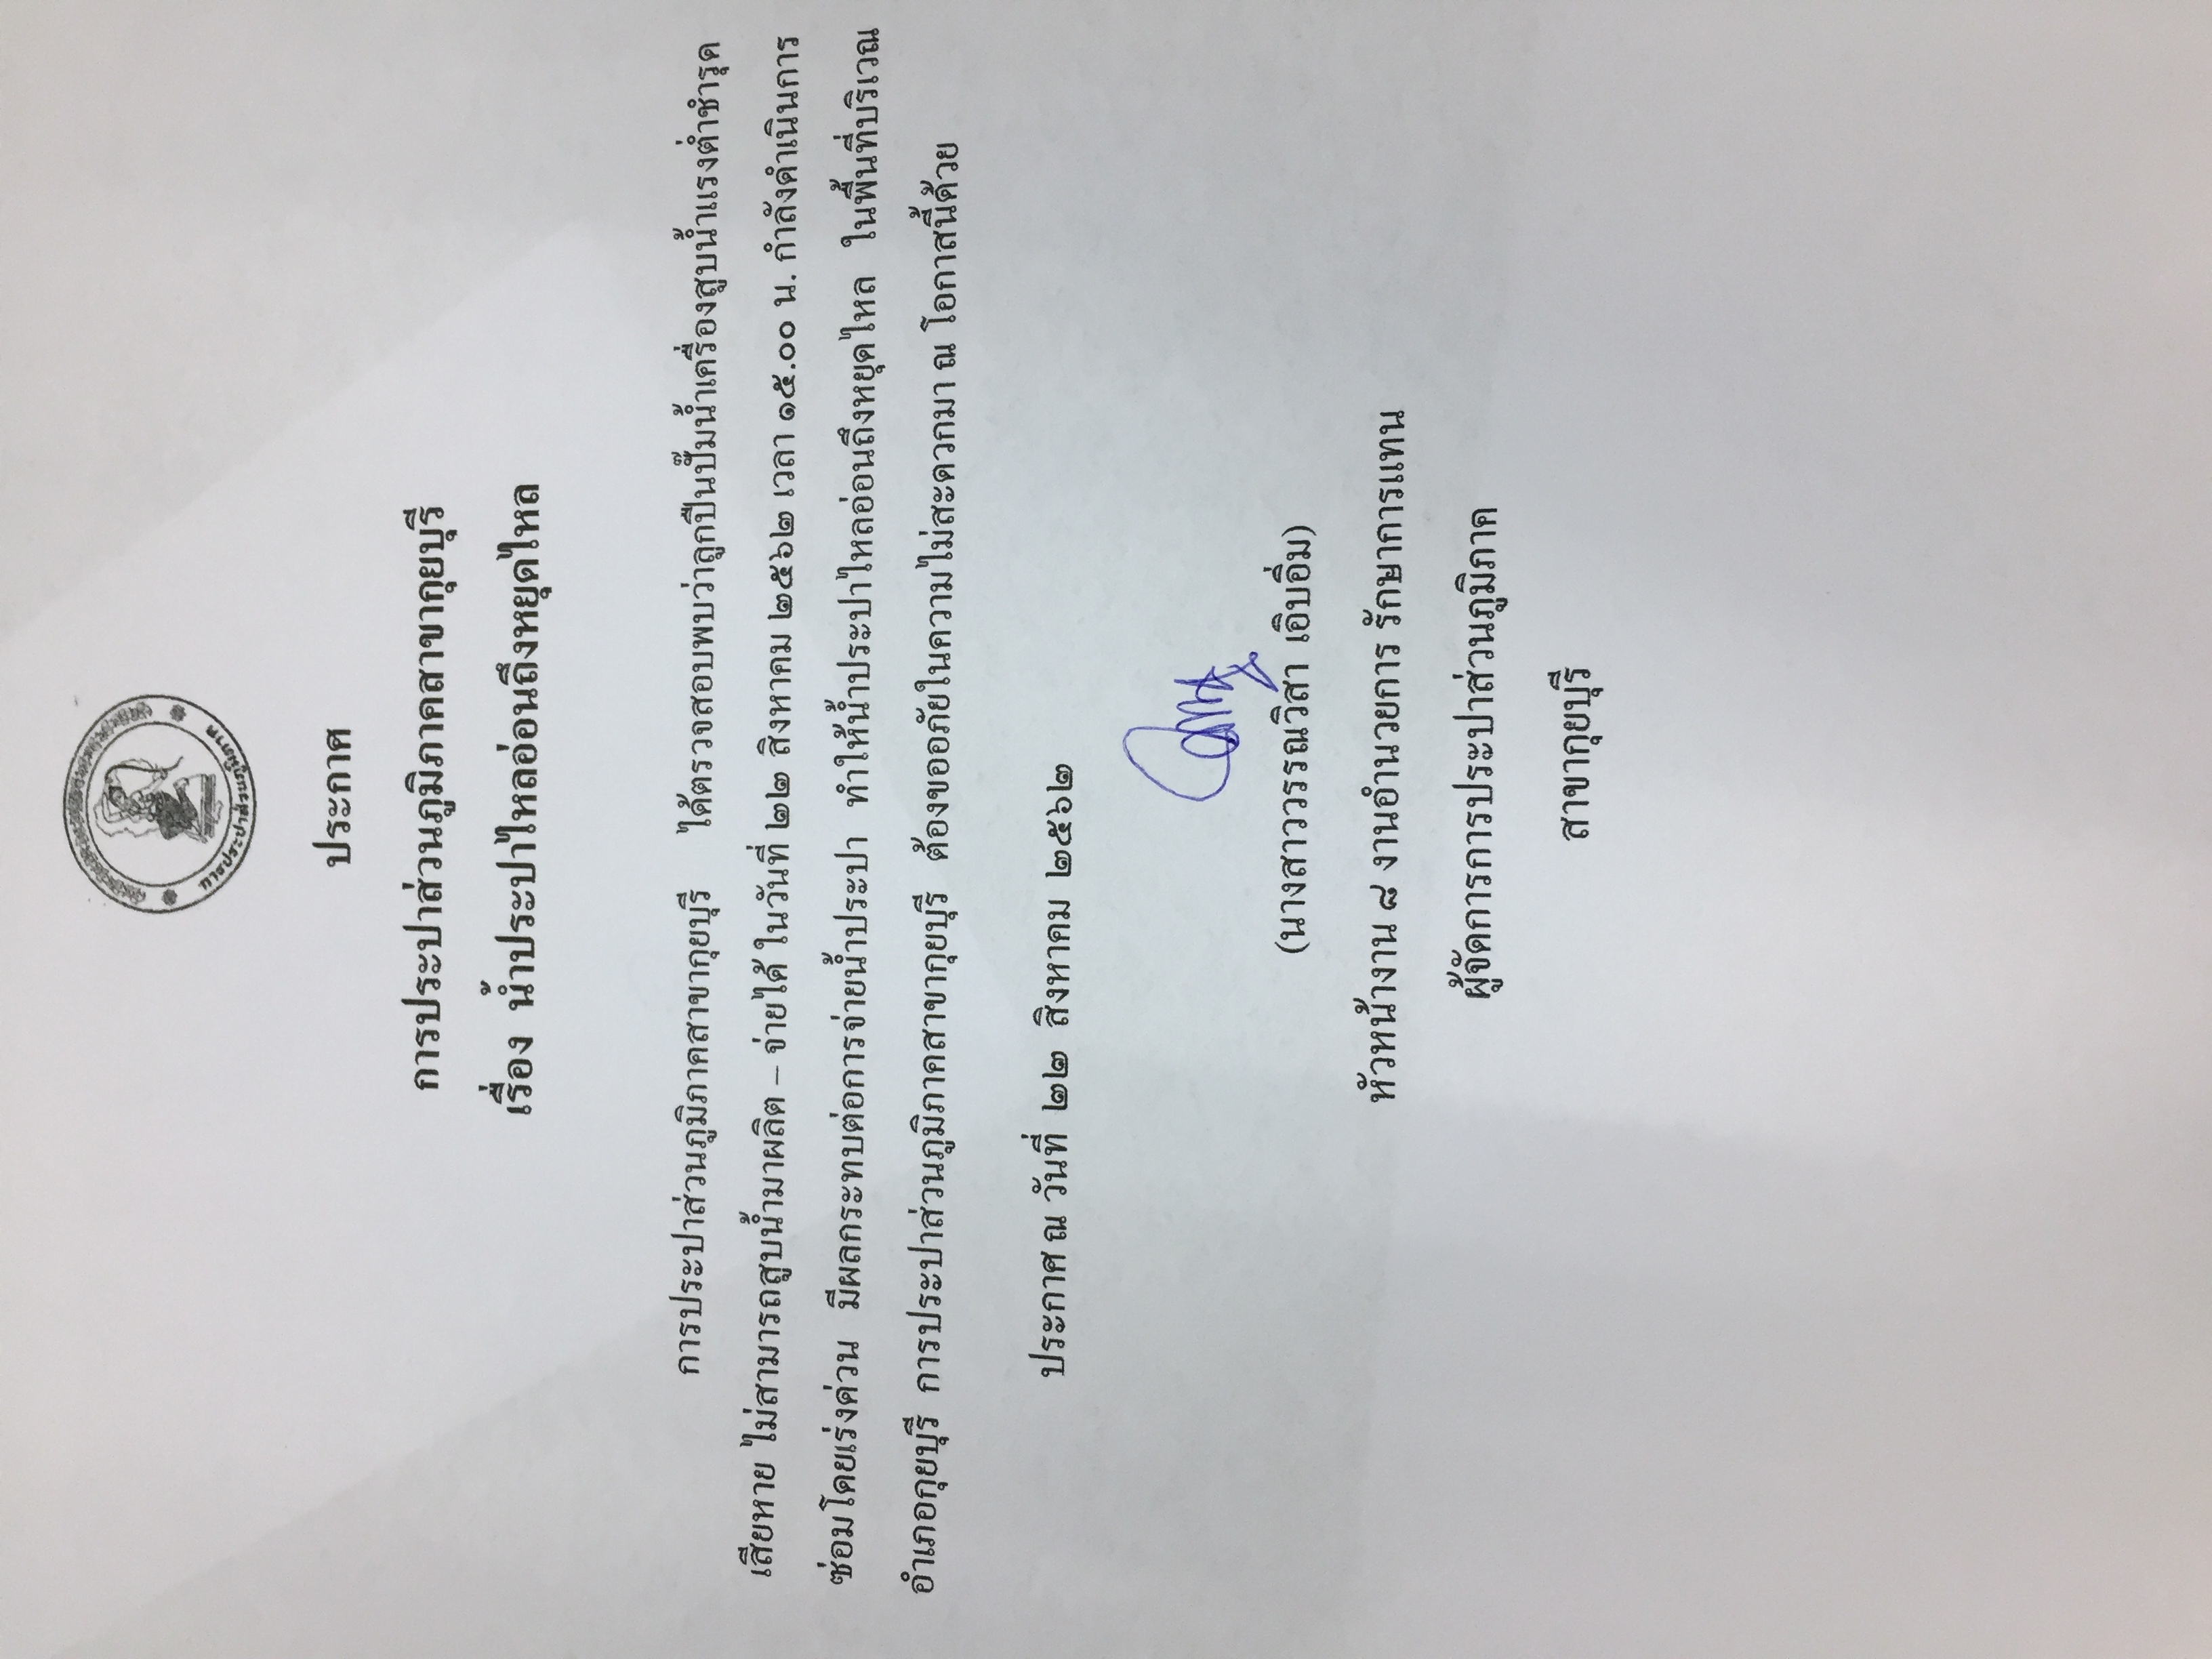 กปภ.สาขากุยบุรีประกาศหยุดจ่ายน้ำชั่วคราว